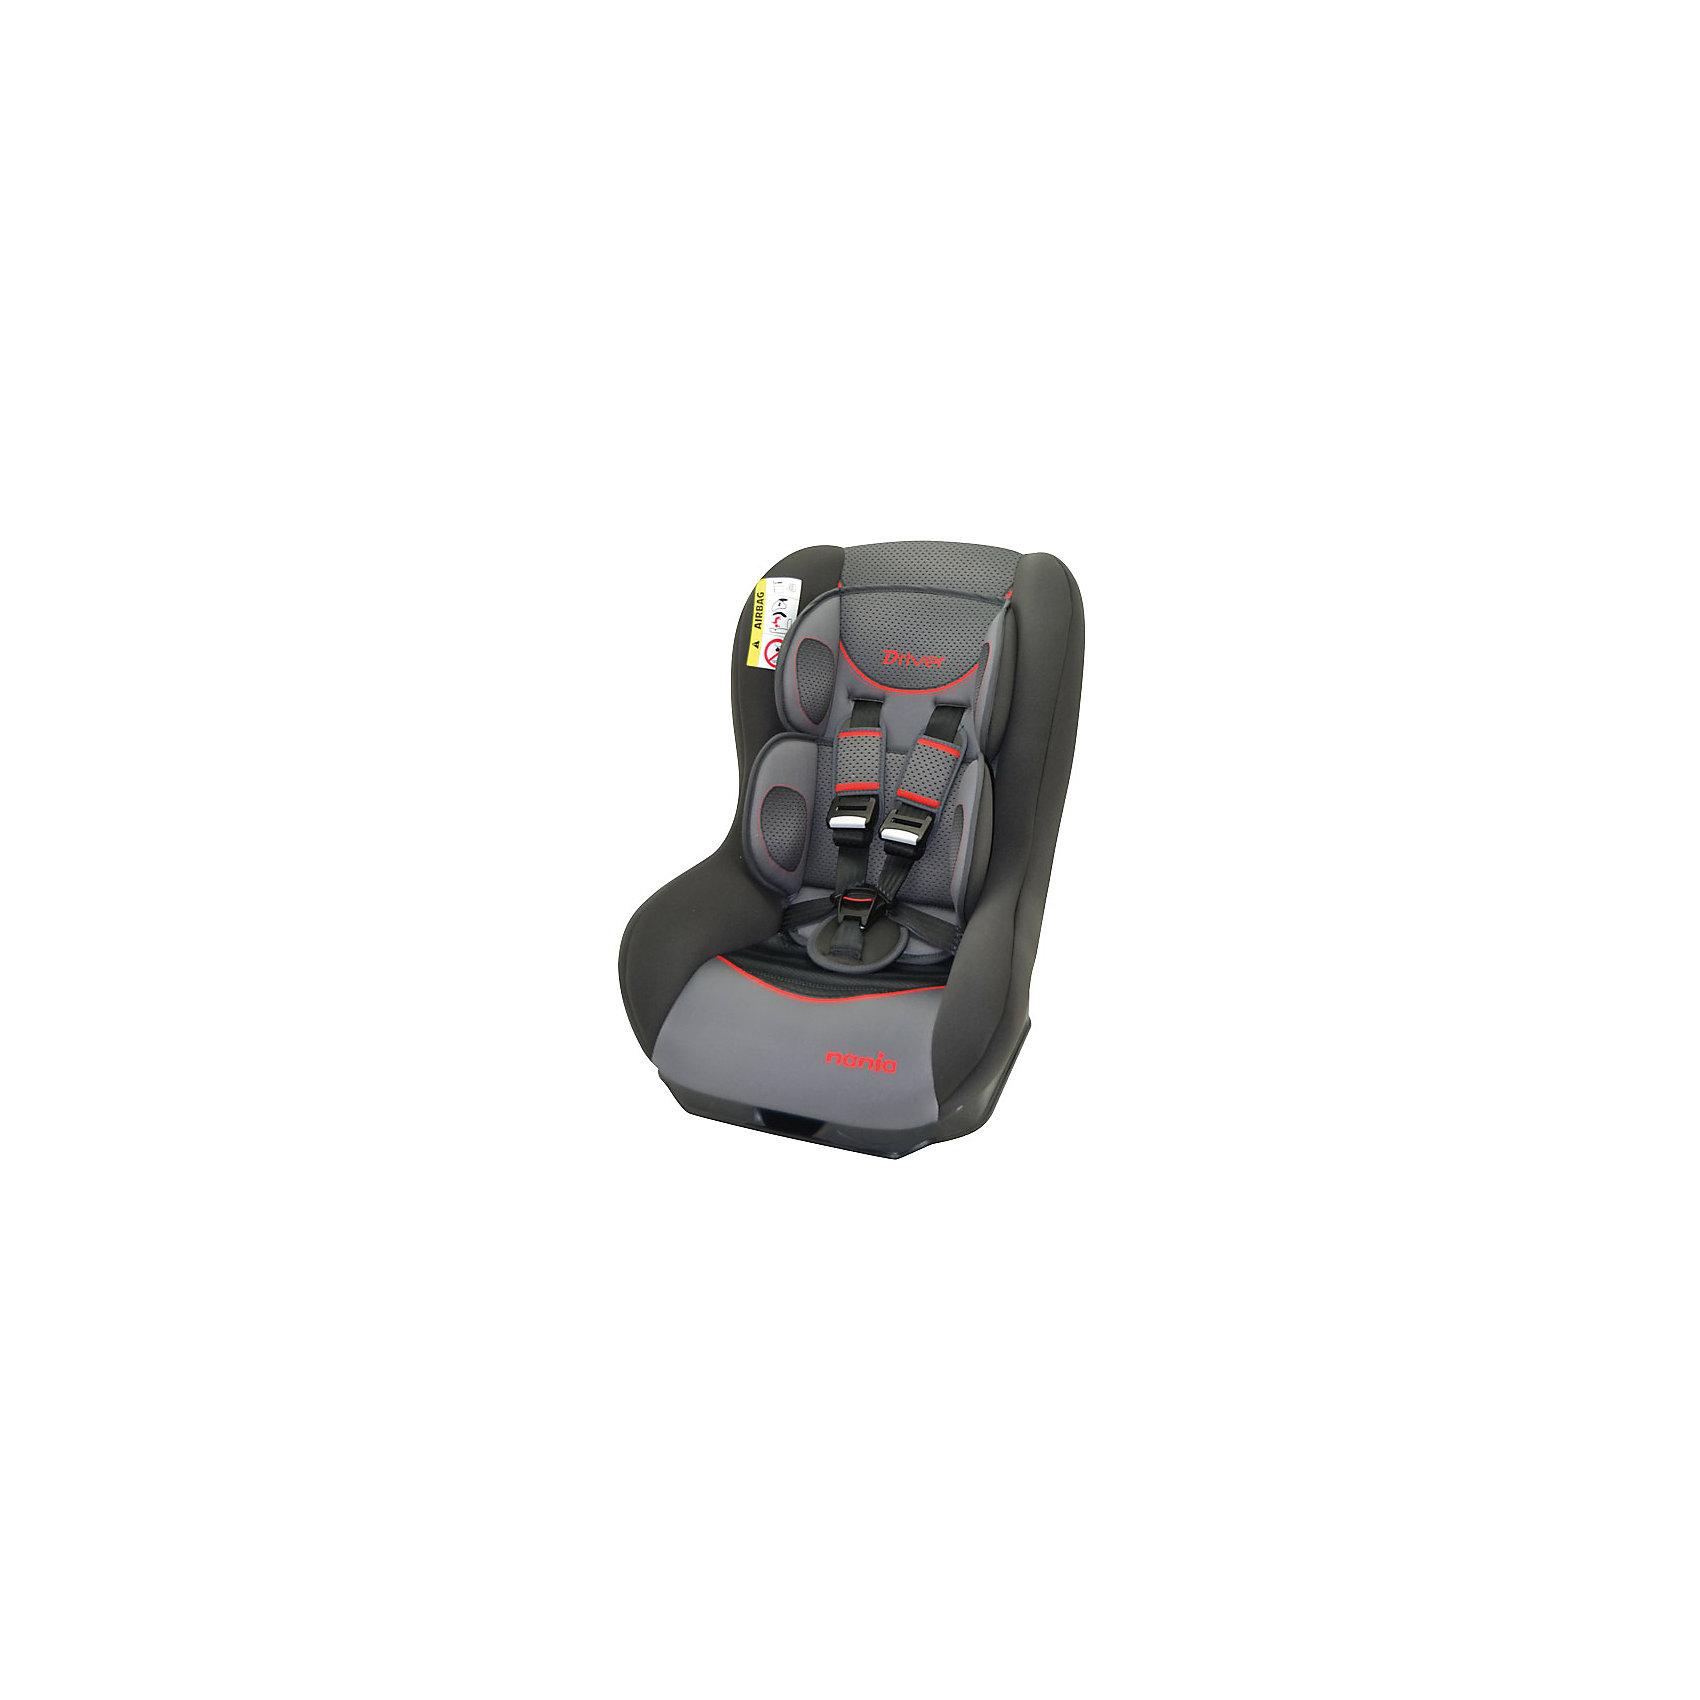 Автокресло Nania Driver FST, 0-18 кг, graphic redГруппа 0+, 1 (До 18 кг)<br>Автокресло Driver FST, Nania - комфортная надежная модель, которая сделает поездку Вашего ребенка приятной и безопасной. Серия FIRST - это базовая версия автокресла с простым дизайном и высоким европейским качеством. Сиденье кресла имеет удобную анатомическую форму, что обеспечивает комфорт во время длительных поездок. Для новорожденных предусмотрена специальная мягкая вкладка, которая фиксирует голову, шею и тело ребенка в правильном положении. Наклон спинки можно регулировать в 5 положениях. Кресло оснащено регулируемыми 5-точечными ремнями безопасности с 3-мя уровнями регулировки по высоте и мягкими плечевыми накладками. Каркас из ударопрочного полипропилена, усиленные боковины и дополнительная прослойка из полистирола, поглощающая удары, уберегут ребёнка от серьезных травм. <br><br>Автокресло легко и надежно фиксируется при помощи штатных ремней безопасности. Для малышей весом до 10 кг. автокресло устанавливается на заднем сиденье лицом против движения авто, при весе ребенка от 10 до 18 кг. кресло устанавливается лицом по ходу движения автомобиля. Кресло изготовлено из высококачественных материалов, тканевую обивку можно снимать и стирать вручную при комнатной температуре. Соответствует Европейскому стандарту безопасности ЕСЕ R44/04. Рассчитано на детей от 0 до 3-4 лет, весом 0-18 кг.<br><br>Дополнительная информация:<br><br>- Цвет: graphic red (черный/серый/красный).<br>- Материал: 100% полиэстер, пластик.<br>- Серия: 0/1 (0-18) кг.<br>- Внешние размеры: 52 х 46 х 60 см.<br>- Вес: 5,7 кг.<br><br>Автокресло Driver FST, 0-18 кг., Nania, graphic red, можно купить в нашем интернет-магазине.<br><br>Ширина мм: 460<br>Глубина мм: 520<br>Высота мм: 600<br>Вес г: 12490<br>Возраст от месяцев: 0<br>Возраст до месяцев: 36<br>Пол: Унисекс<br>Возраст: Детский<br>SKU: 4405892